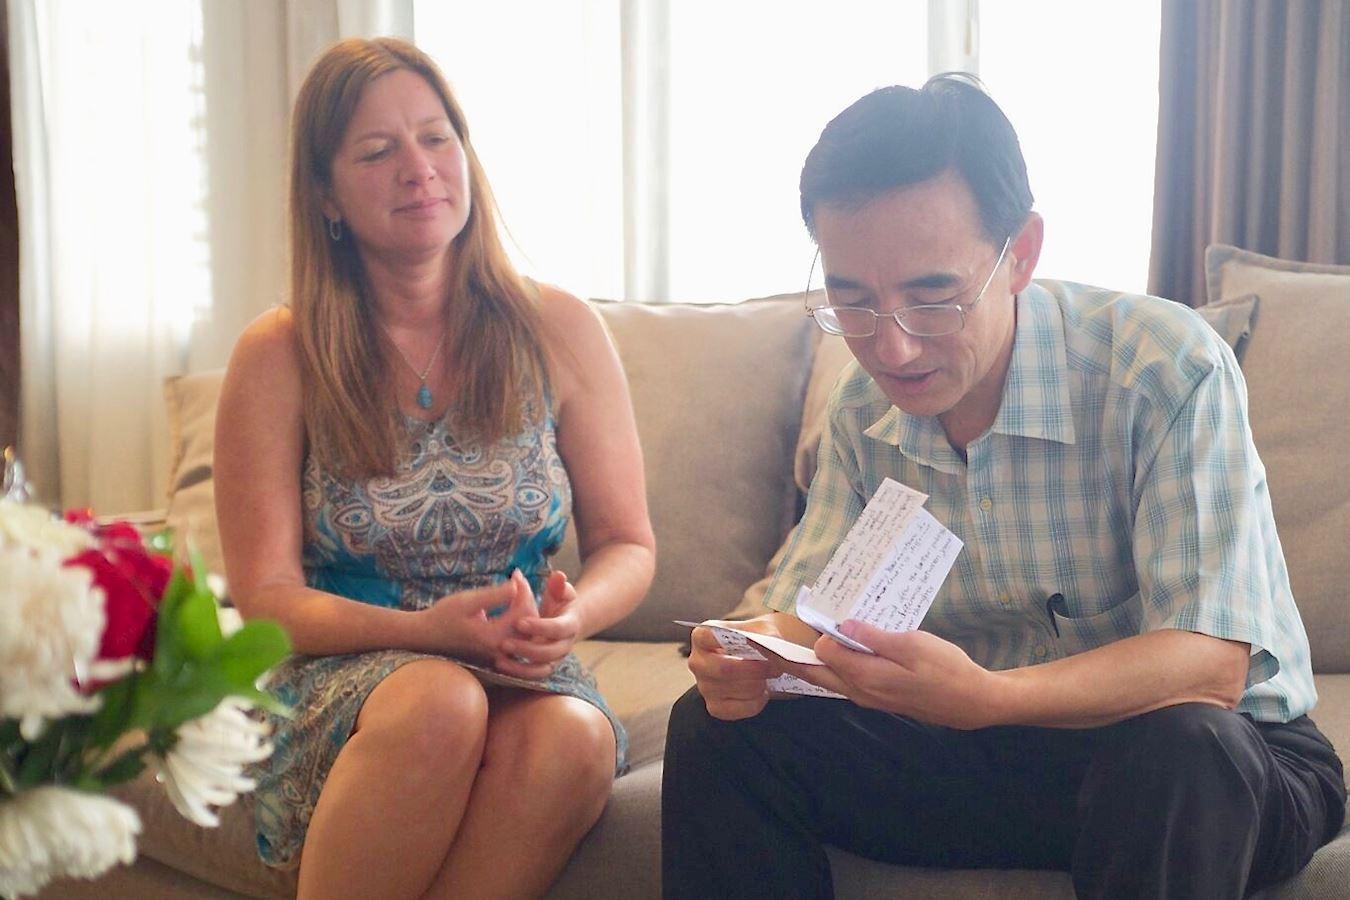 2016年底孫毅逃到印度尼西亞後,朱莉專程去看望他。(《求救信》劇照)